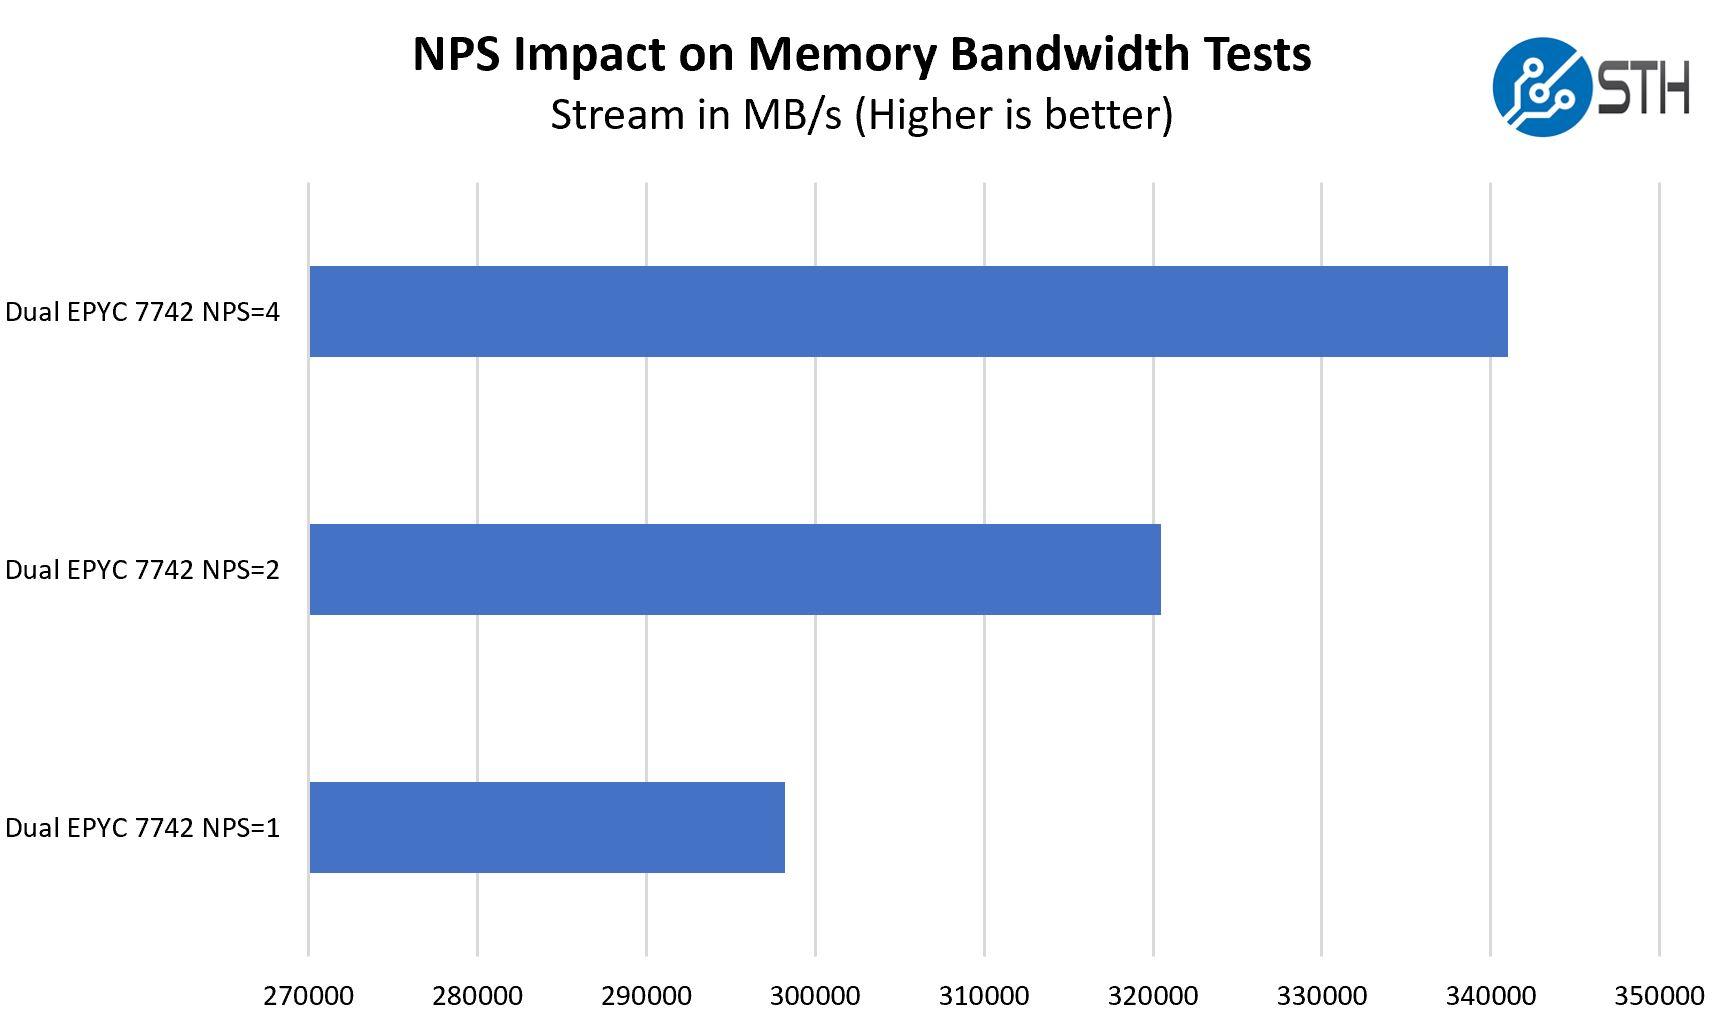 AMD EPYC 7002 NPS Impact On Stream Bandwidth